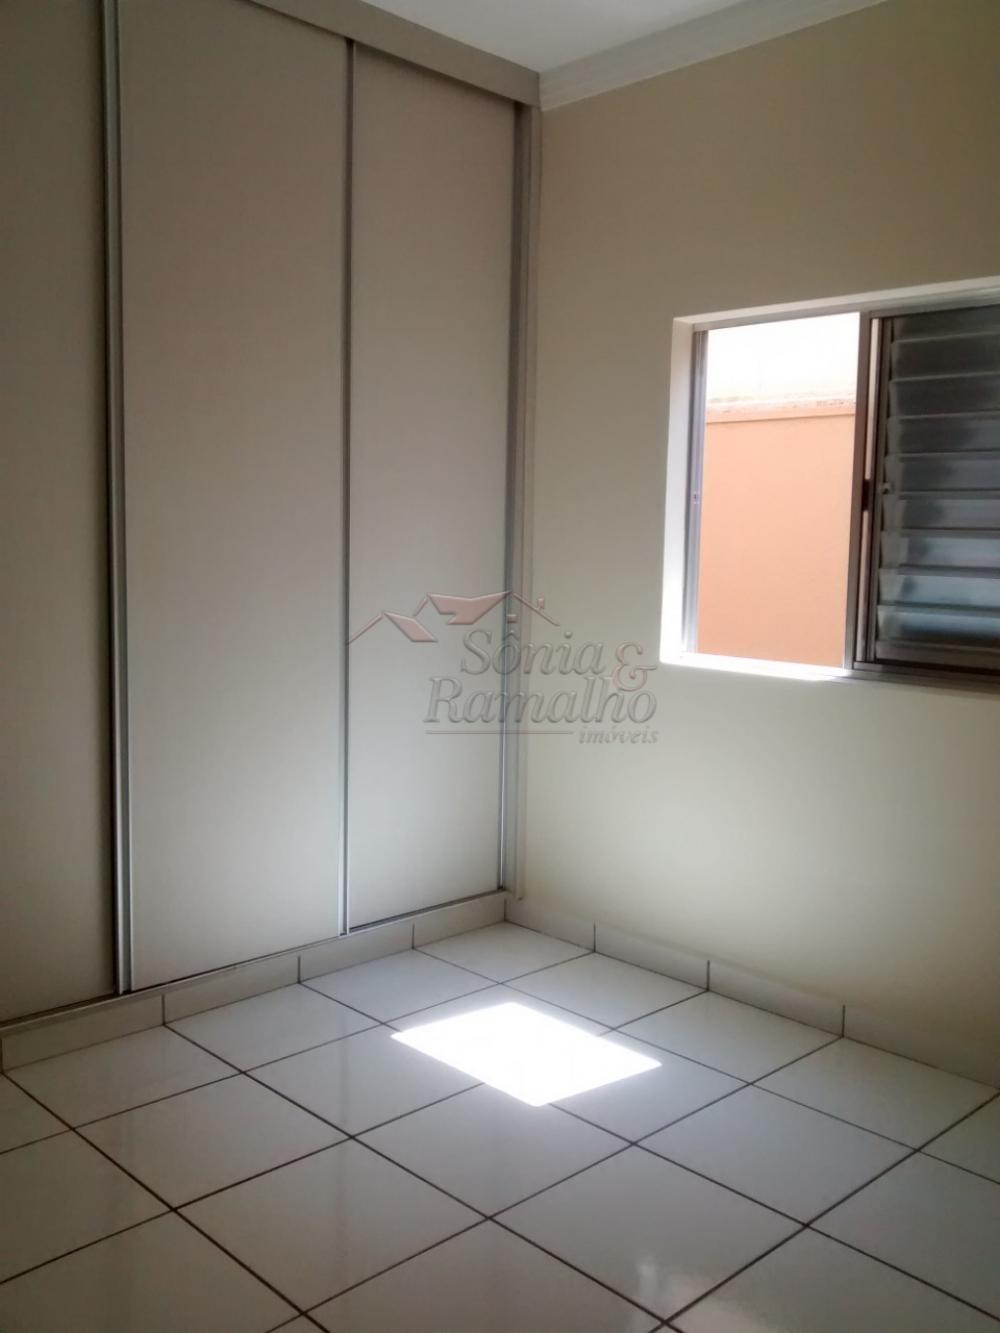 Comprar Apartamentos / Padrão em Ribeirão Preto apenas R$ 230.000,00 - Foto 13